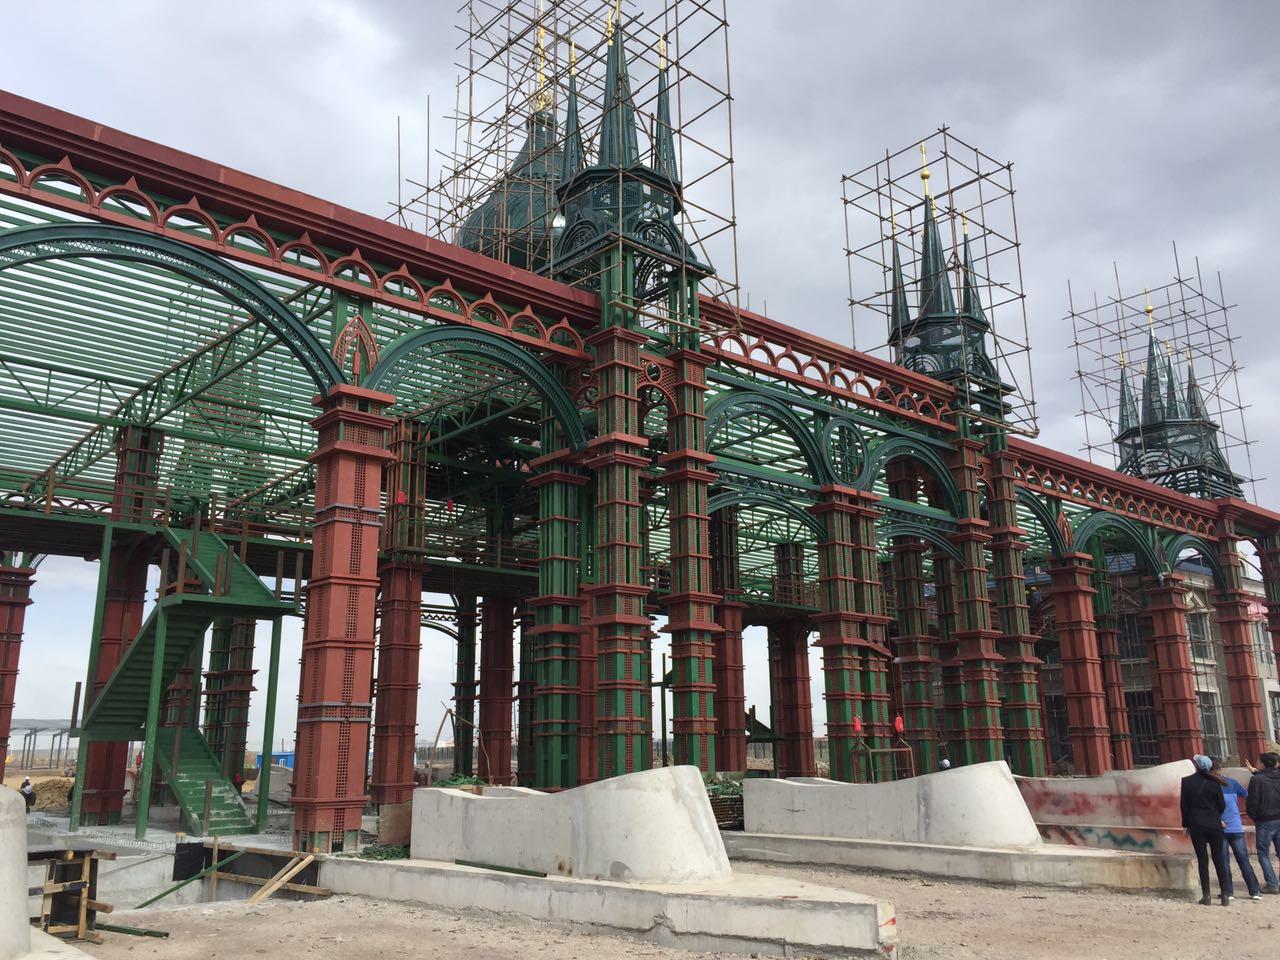 主卡口主体钢结构,地磅基础及安全岛施工已完成,正在进行铁艺装饰